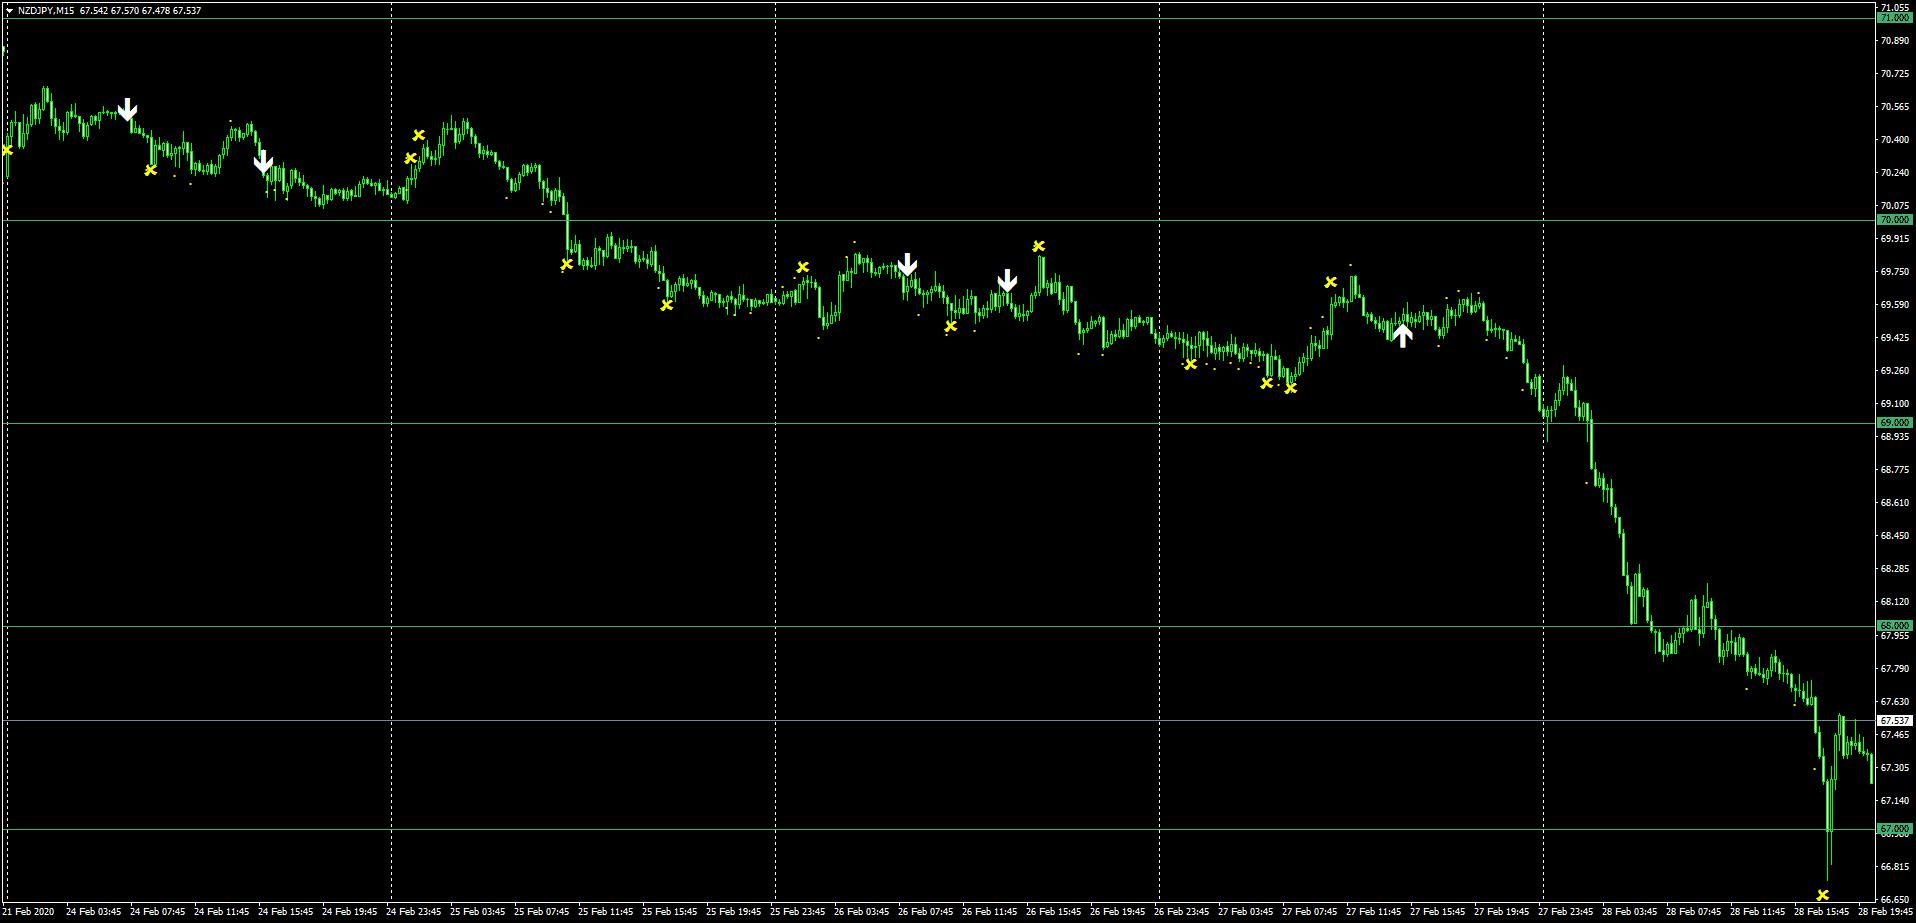 キウイ円の2月24日~28日までのSindyサイン状況